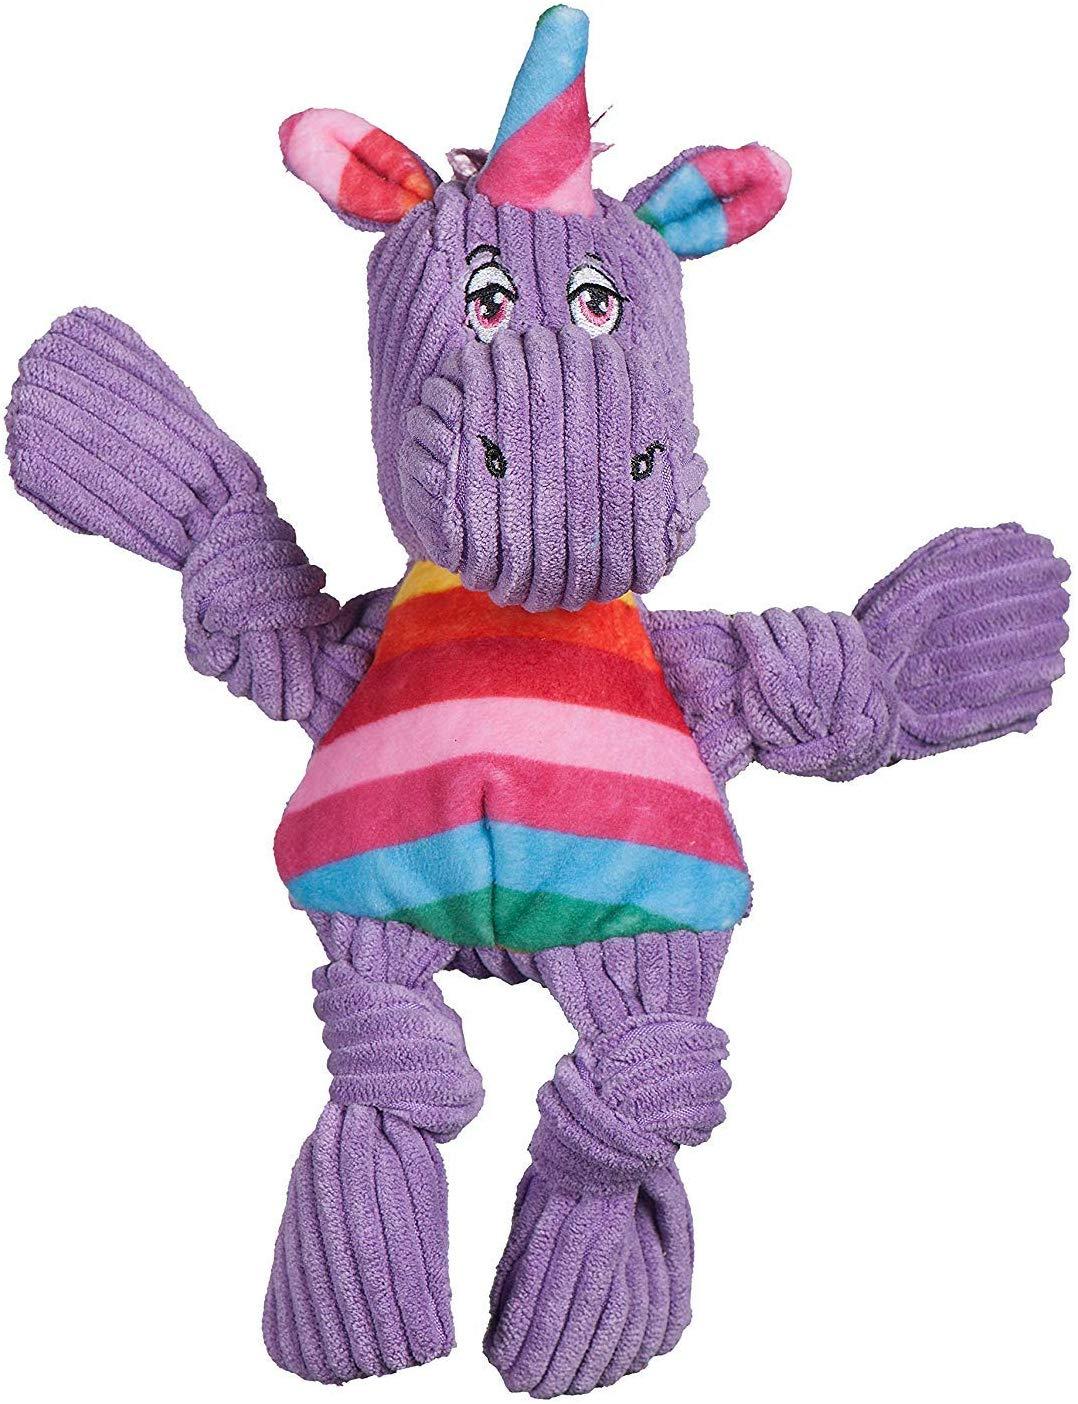 HuggleHounds Knottie Rainbow Unicorn Dog Toy, Wee